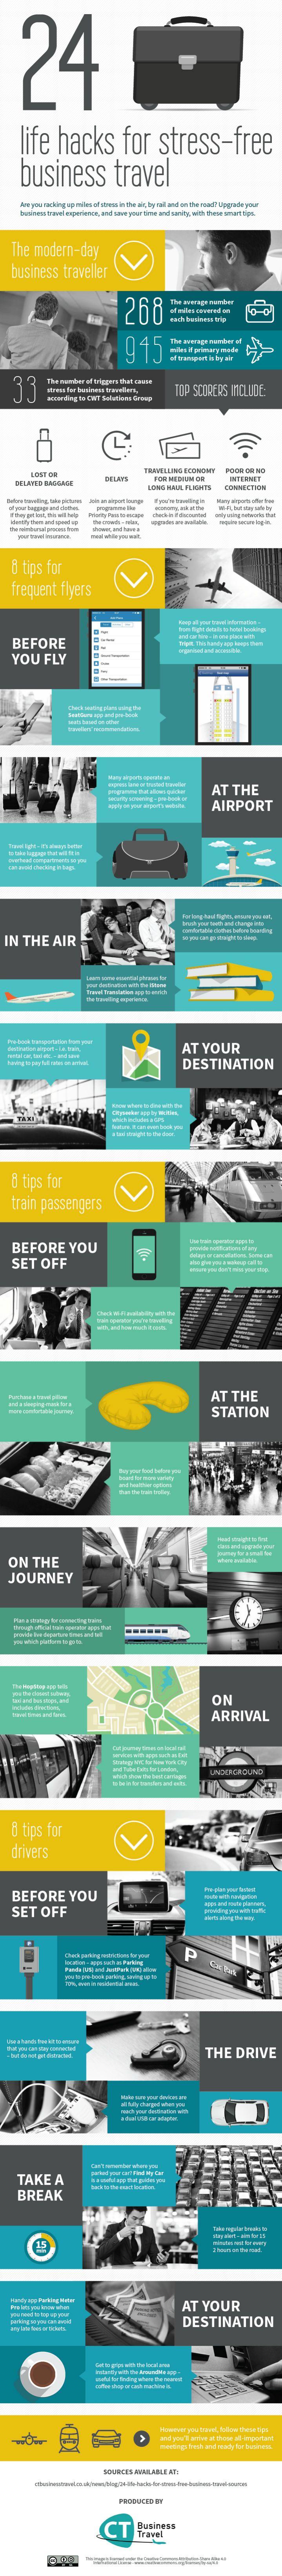 Make-Business-Travel-Easy